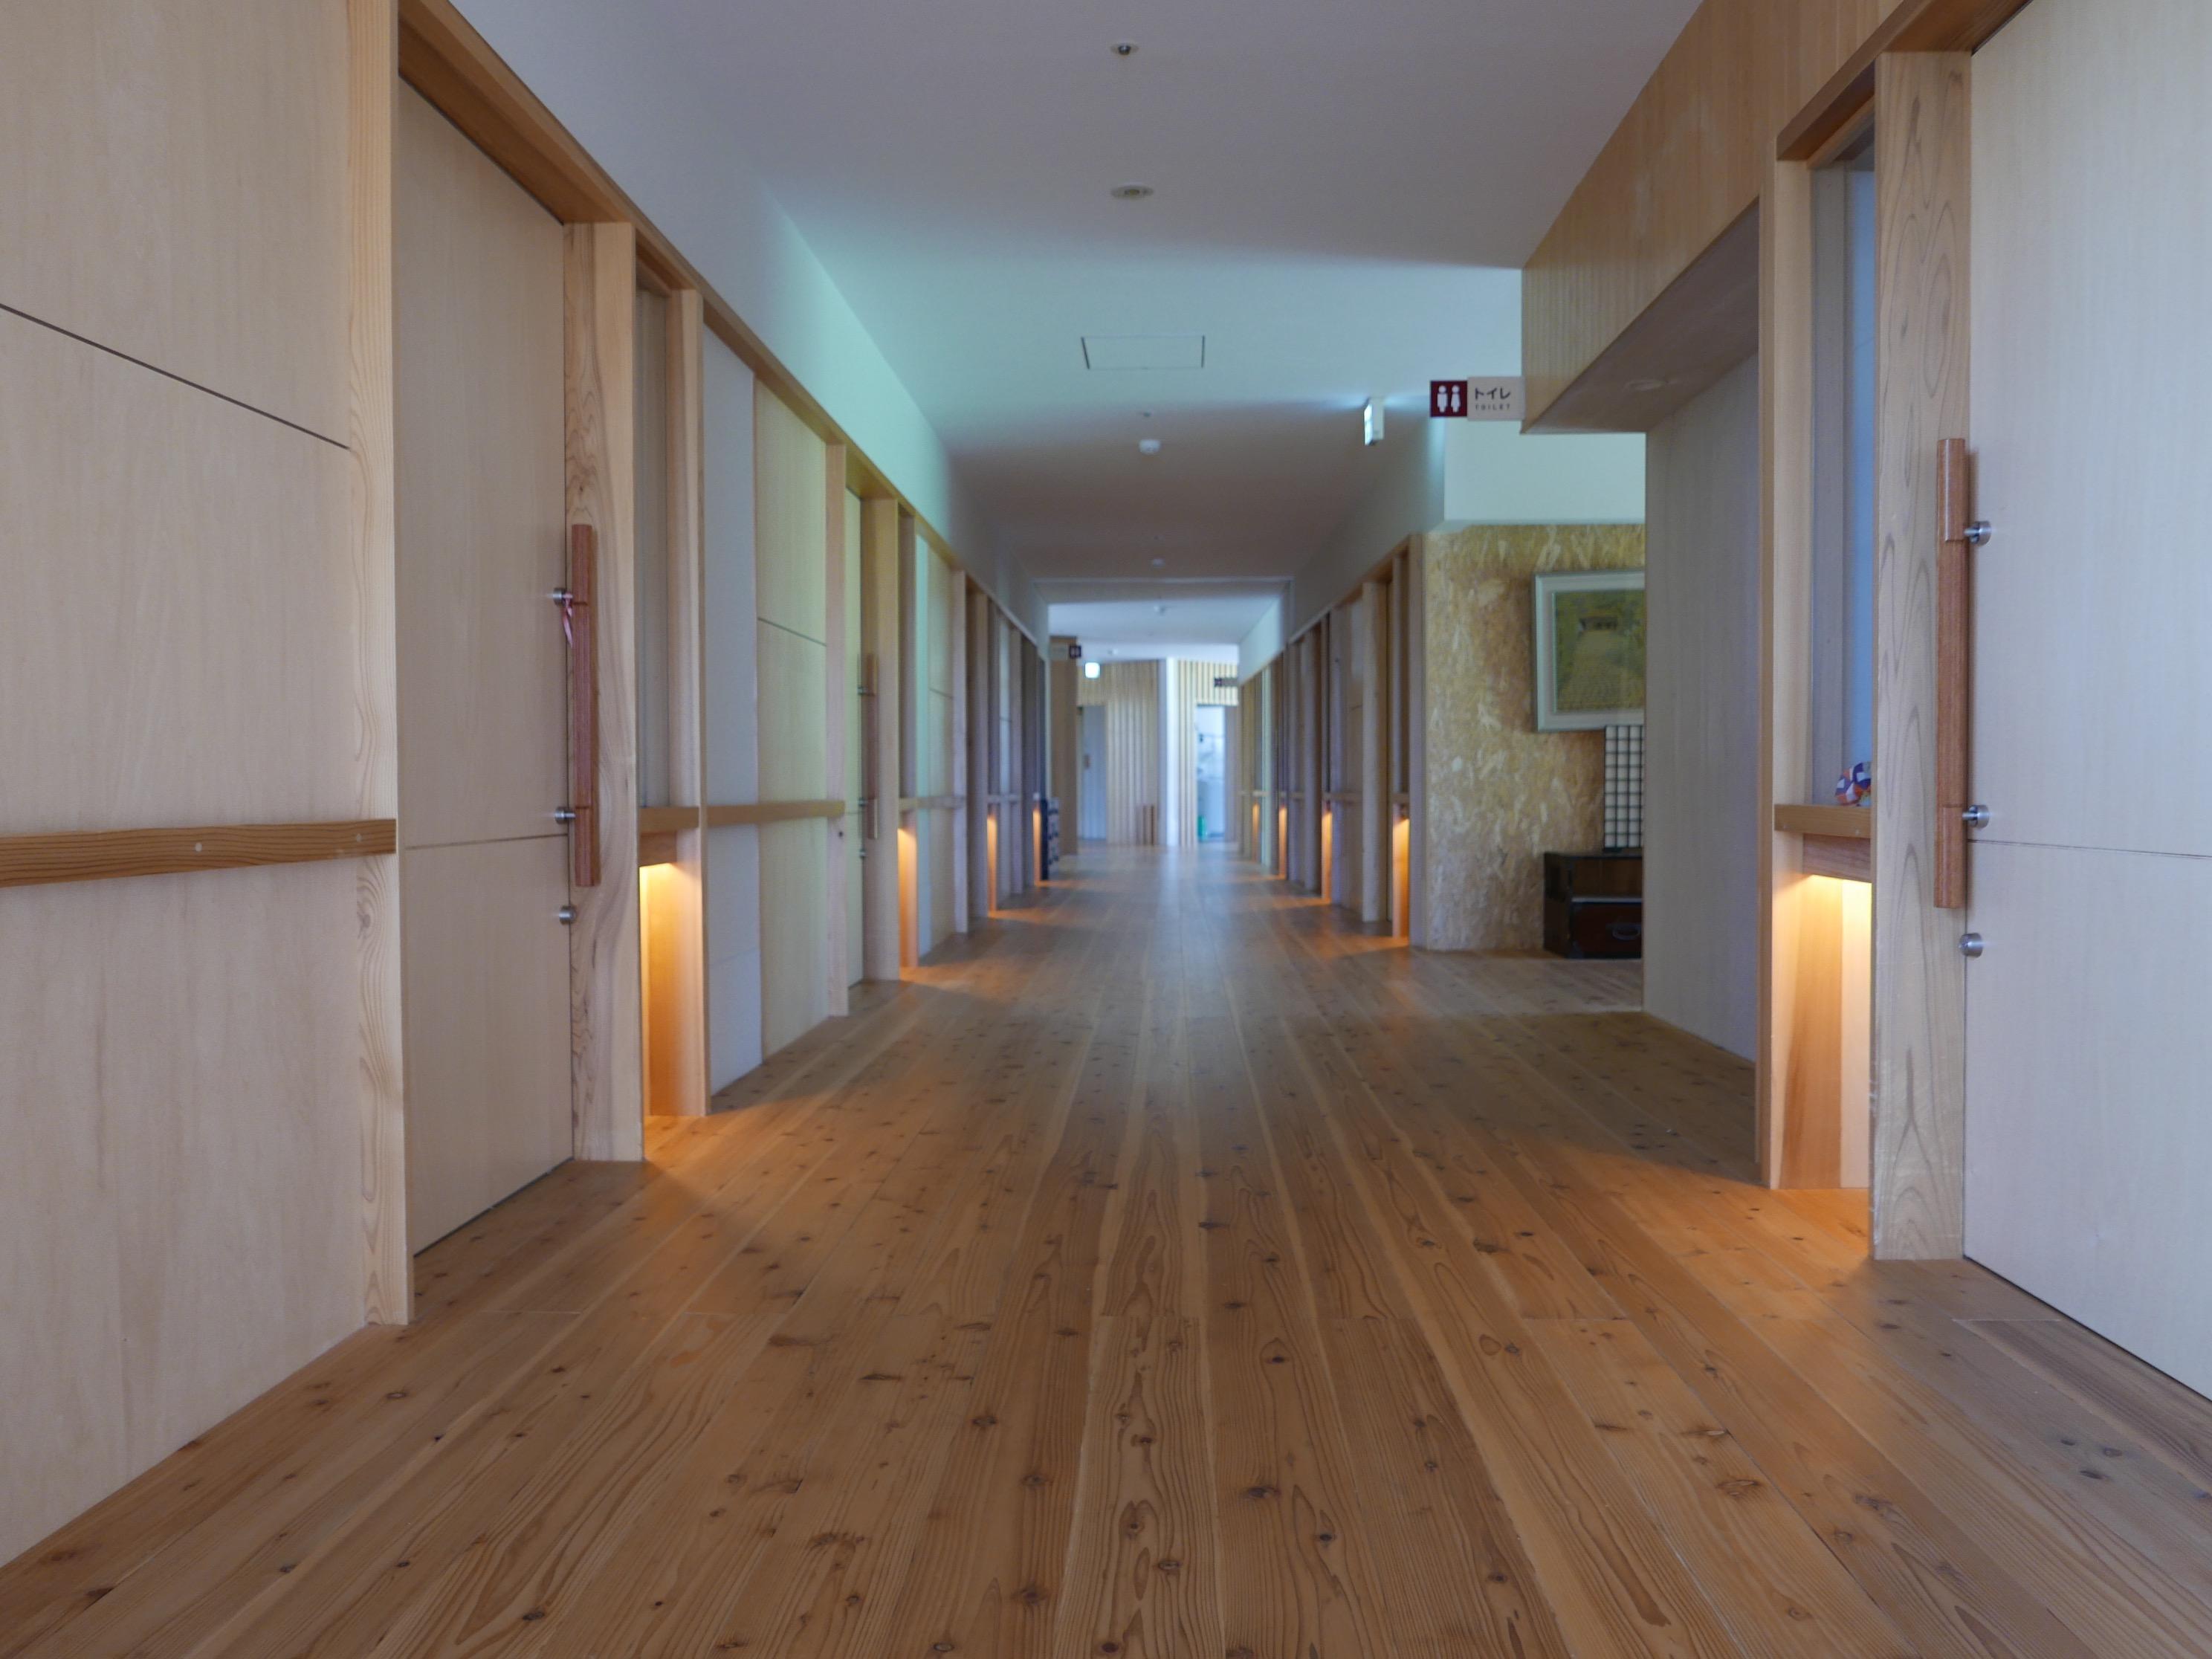 施設内の長い廊下 灯りや通路の幅にも工夫が